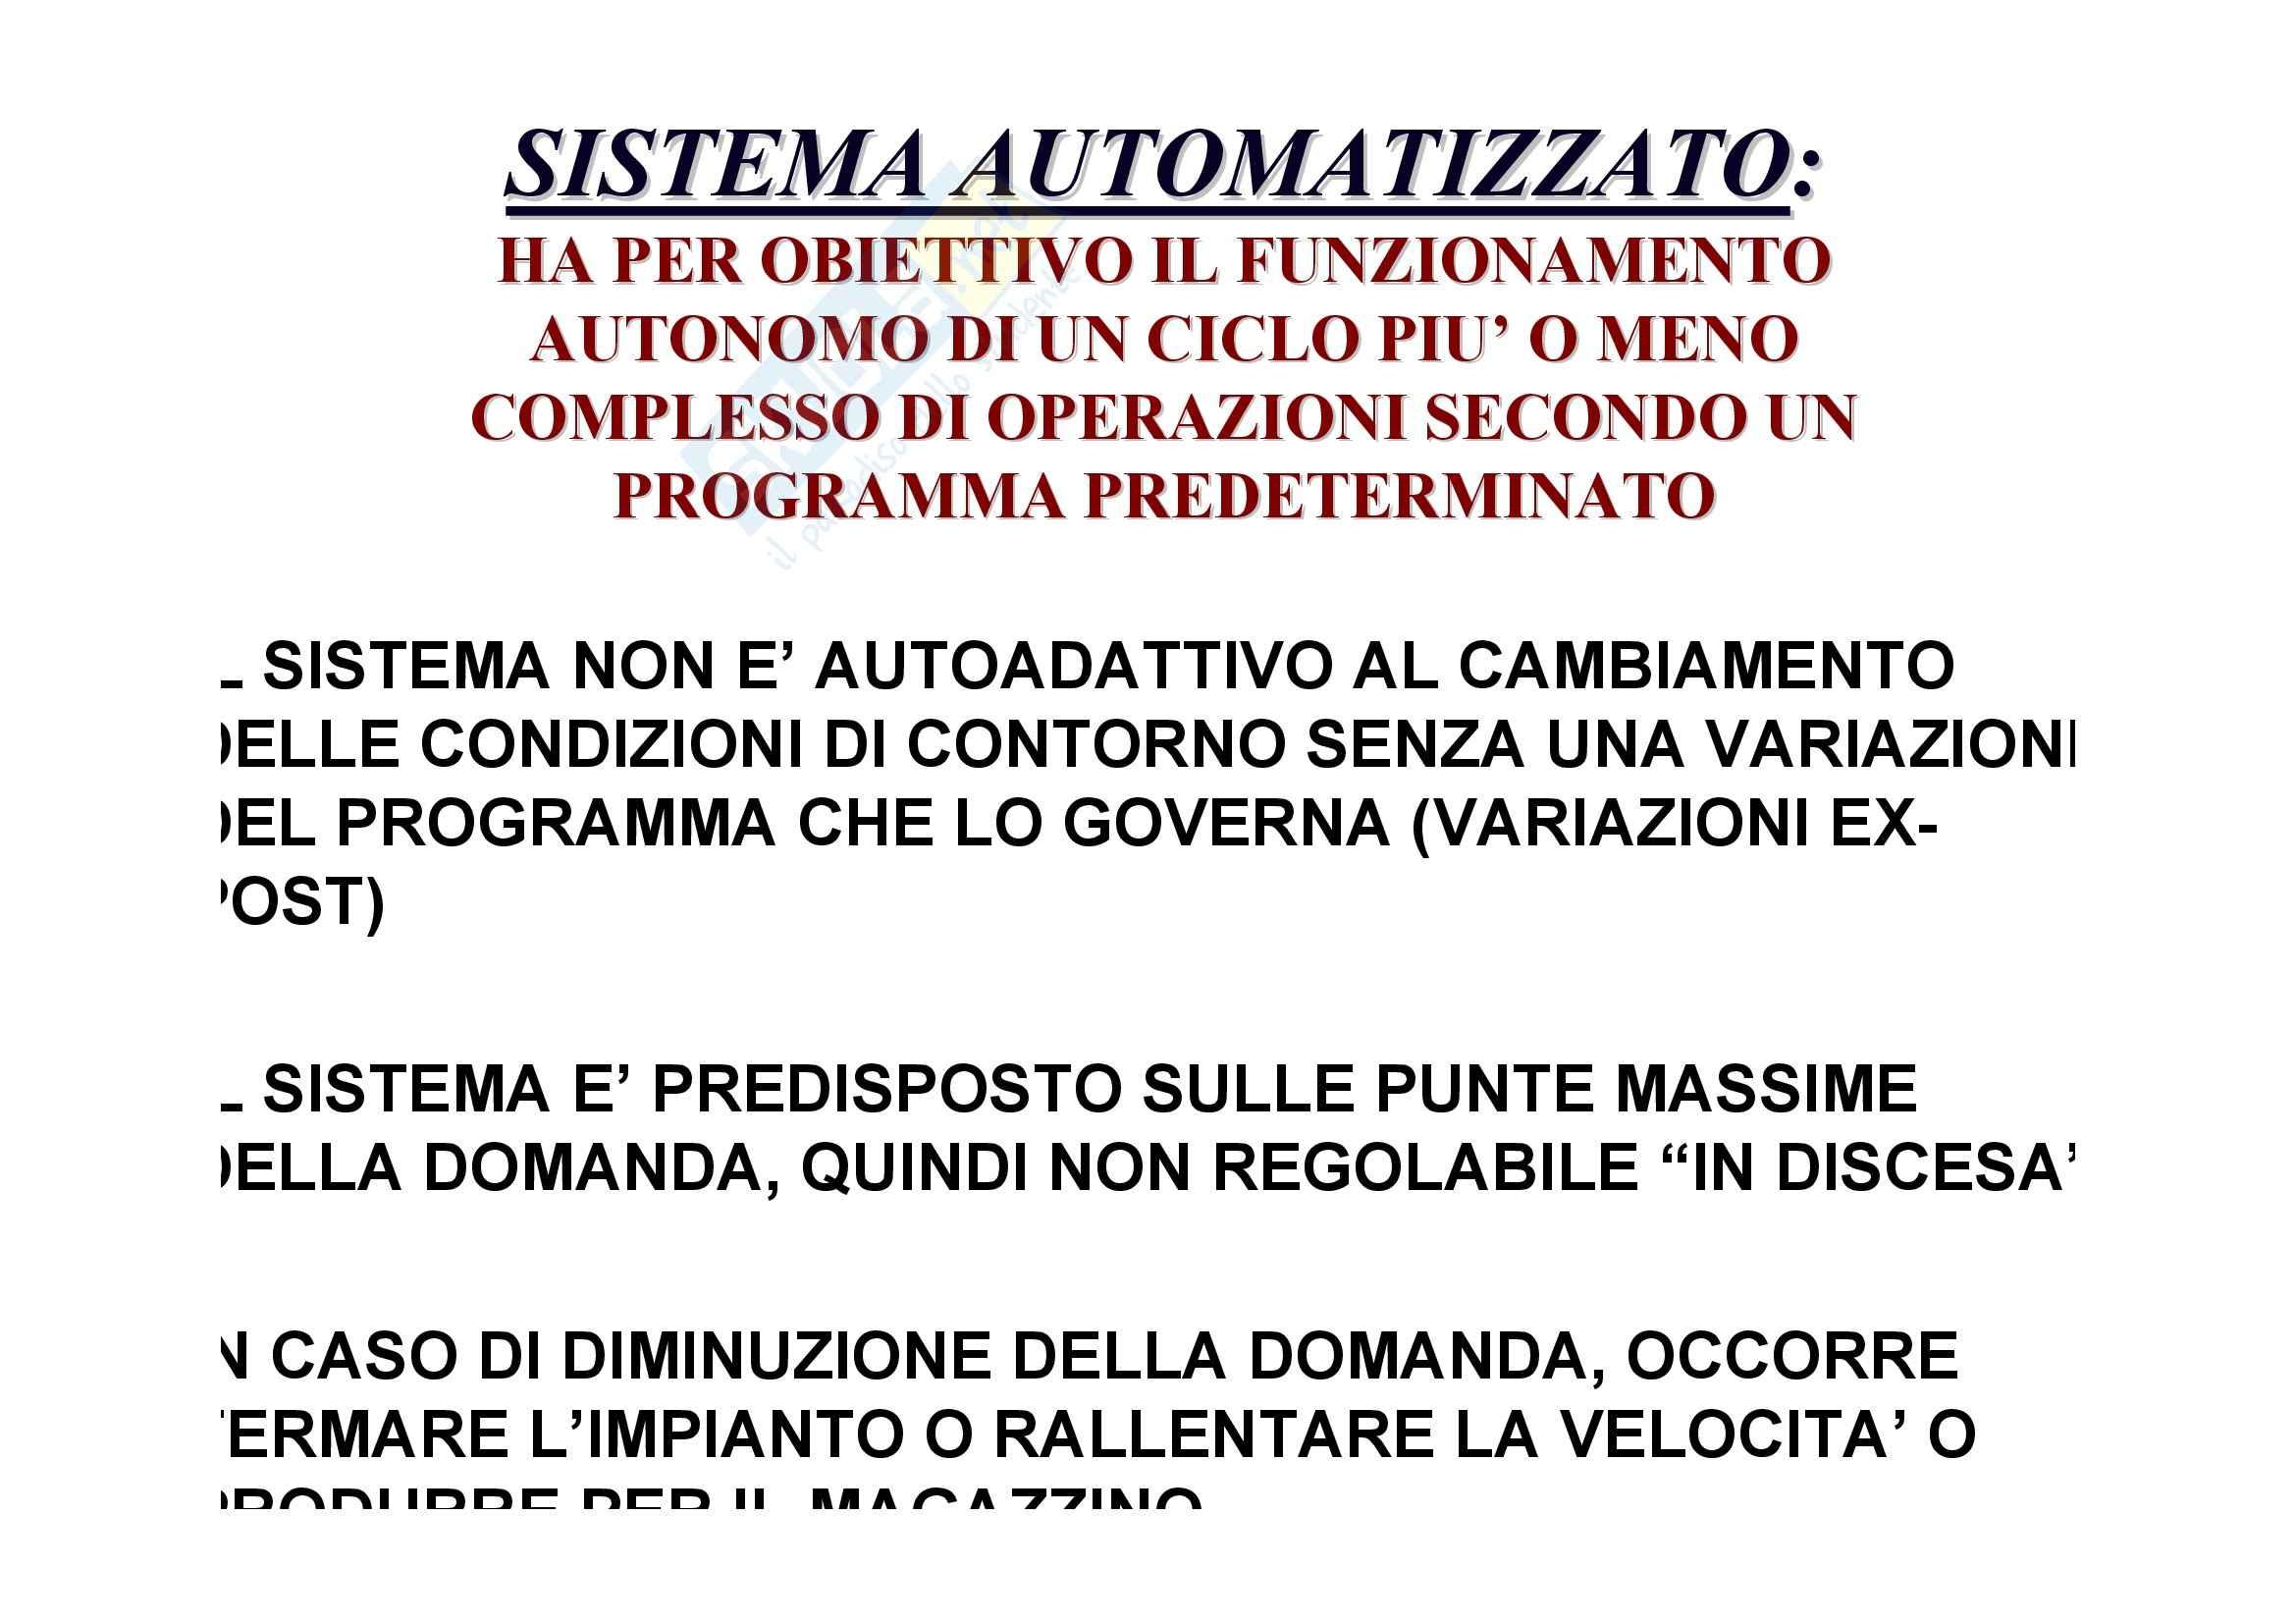 Tecnologia dei cicli produttivi - il sistema automatizzato